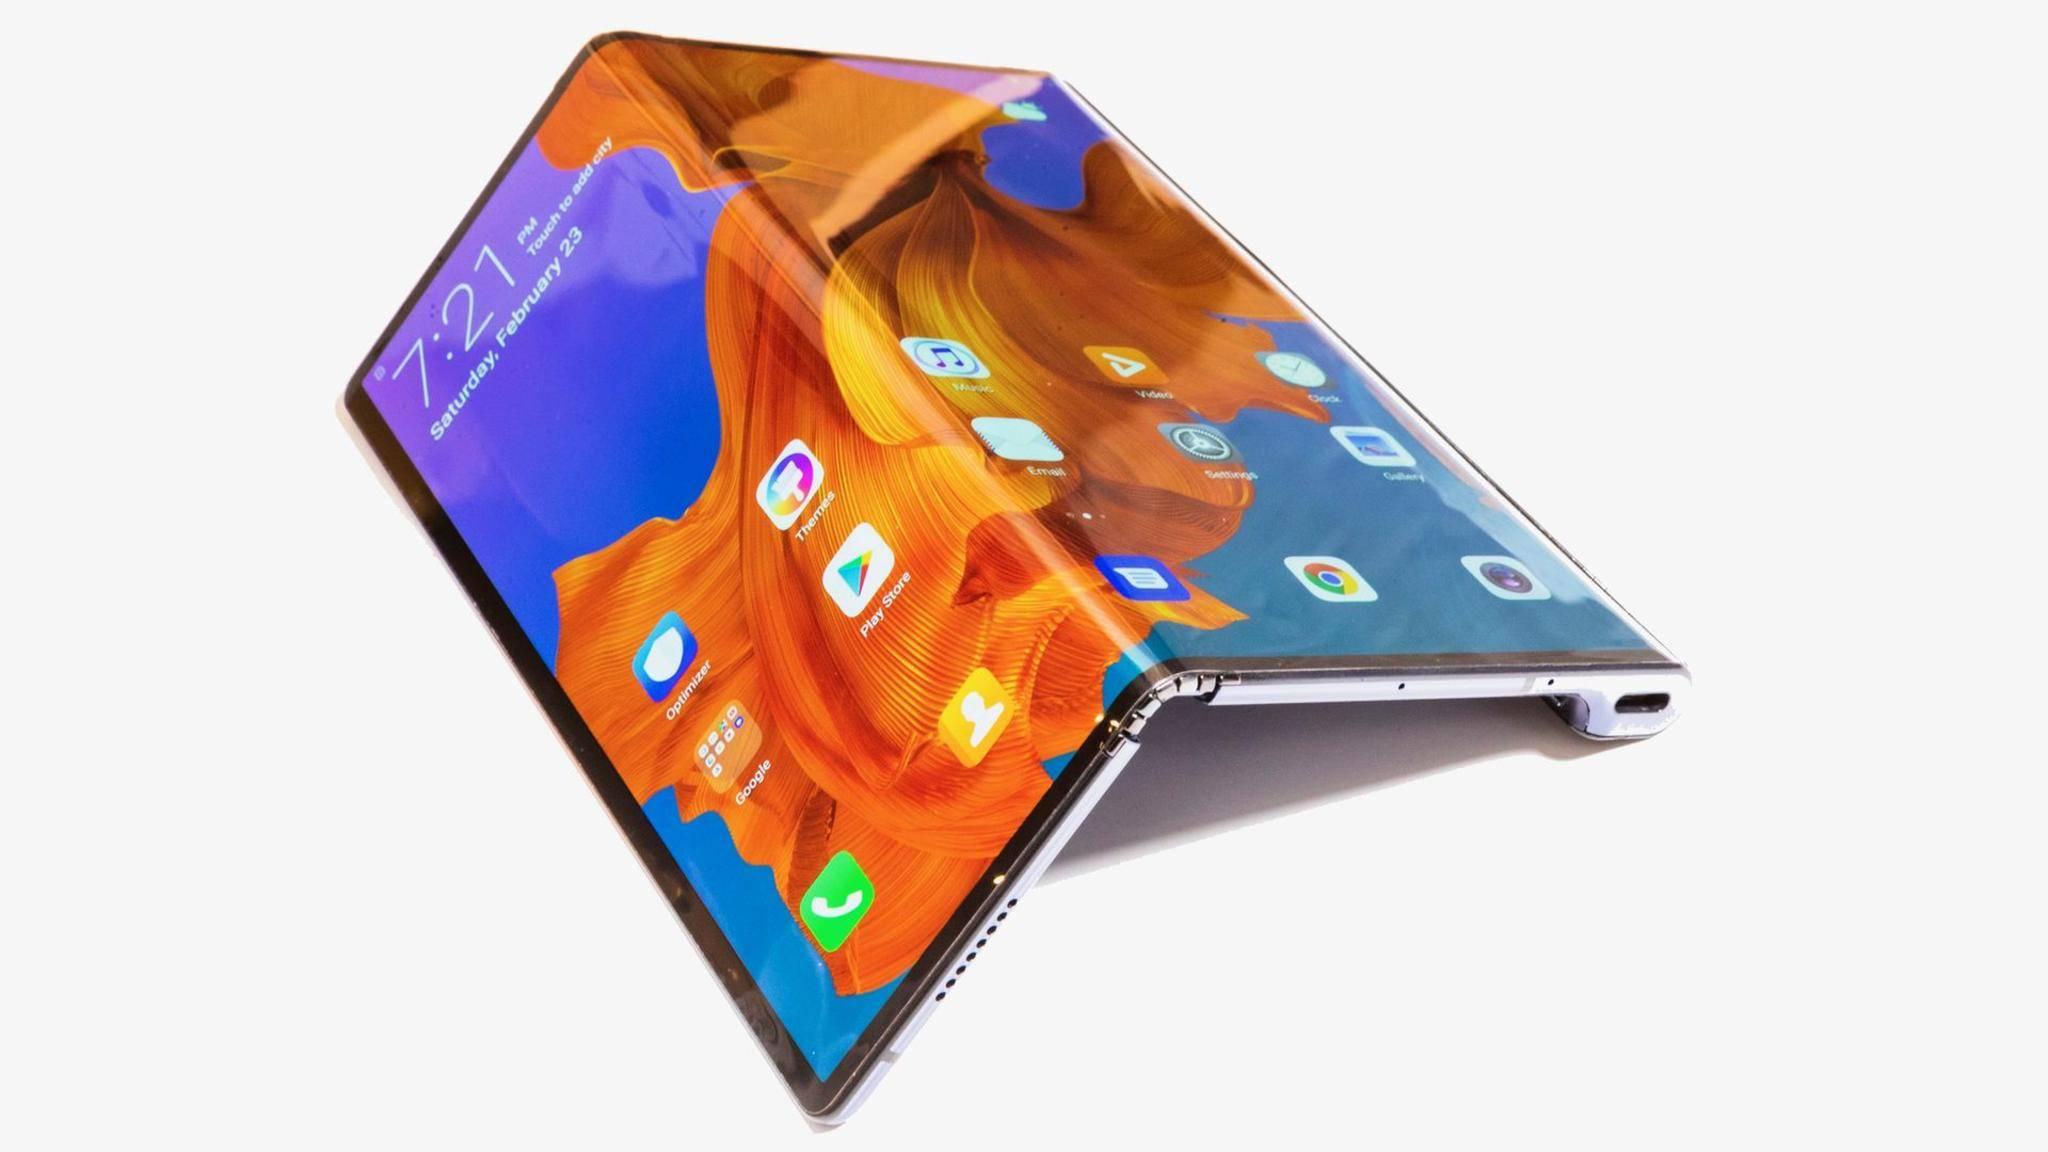 Beim nächsten faltbaren Smartphone will sich Samsung angeblich vom Huawei Mate X (Foto) inspirieren lassen.